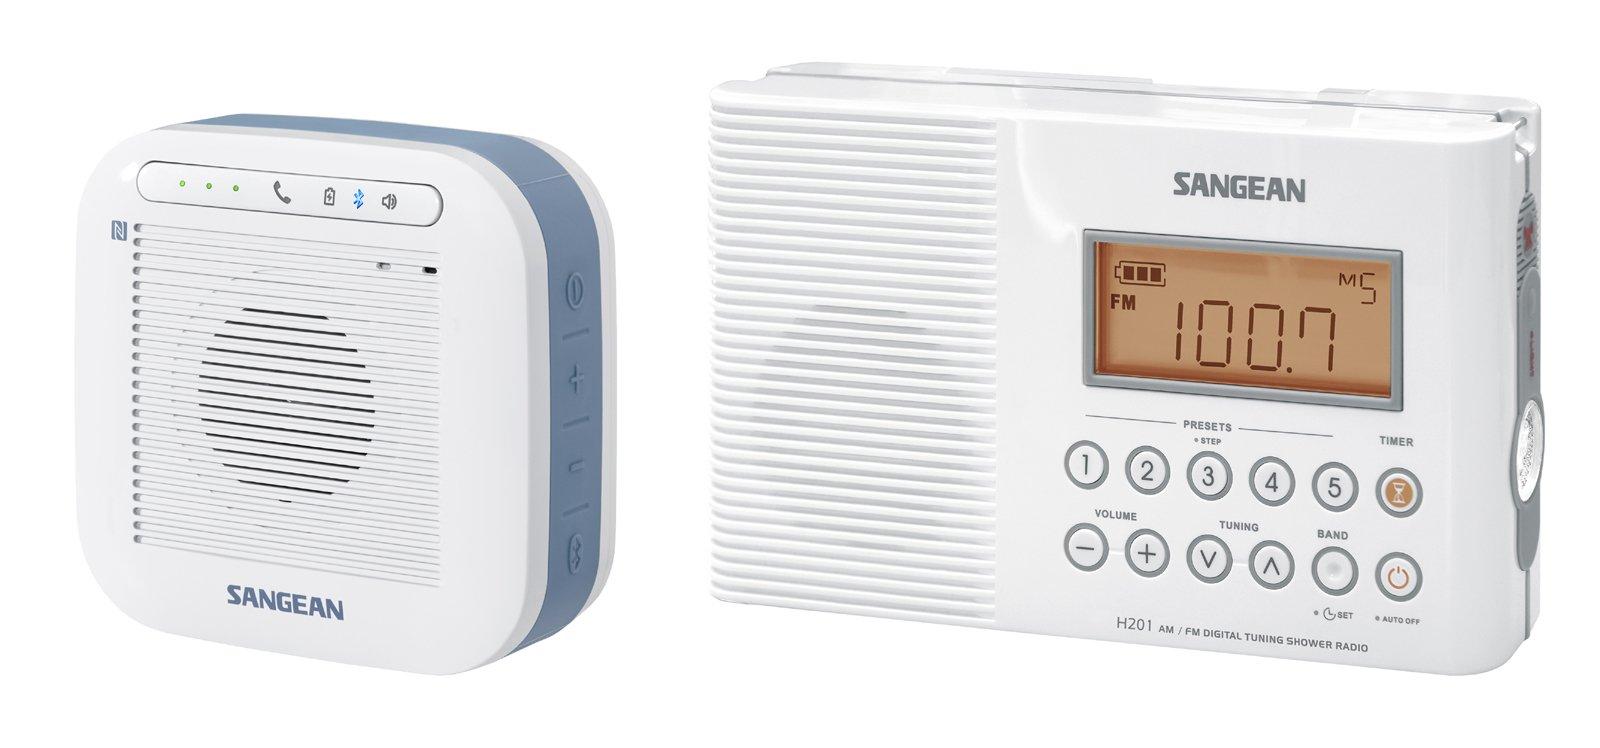 Sangean H201P Portable Waterproof Bluetooth Speaker and Waterproof/Shower Radio, White by Sangean